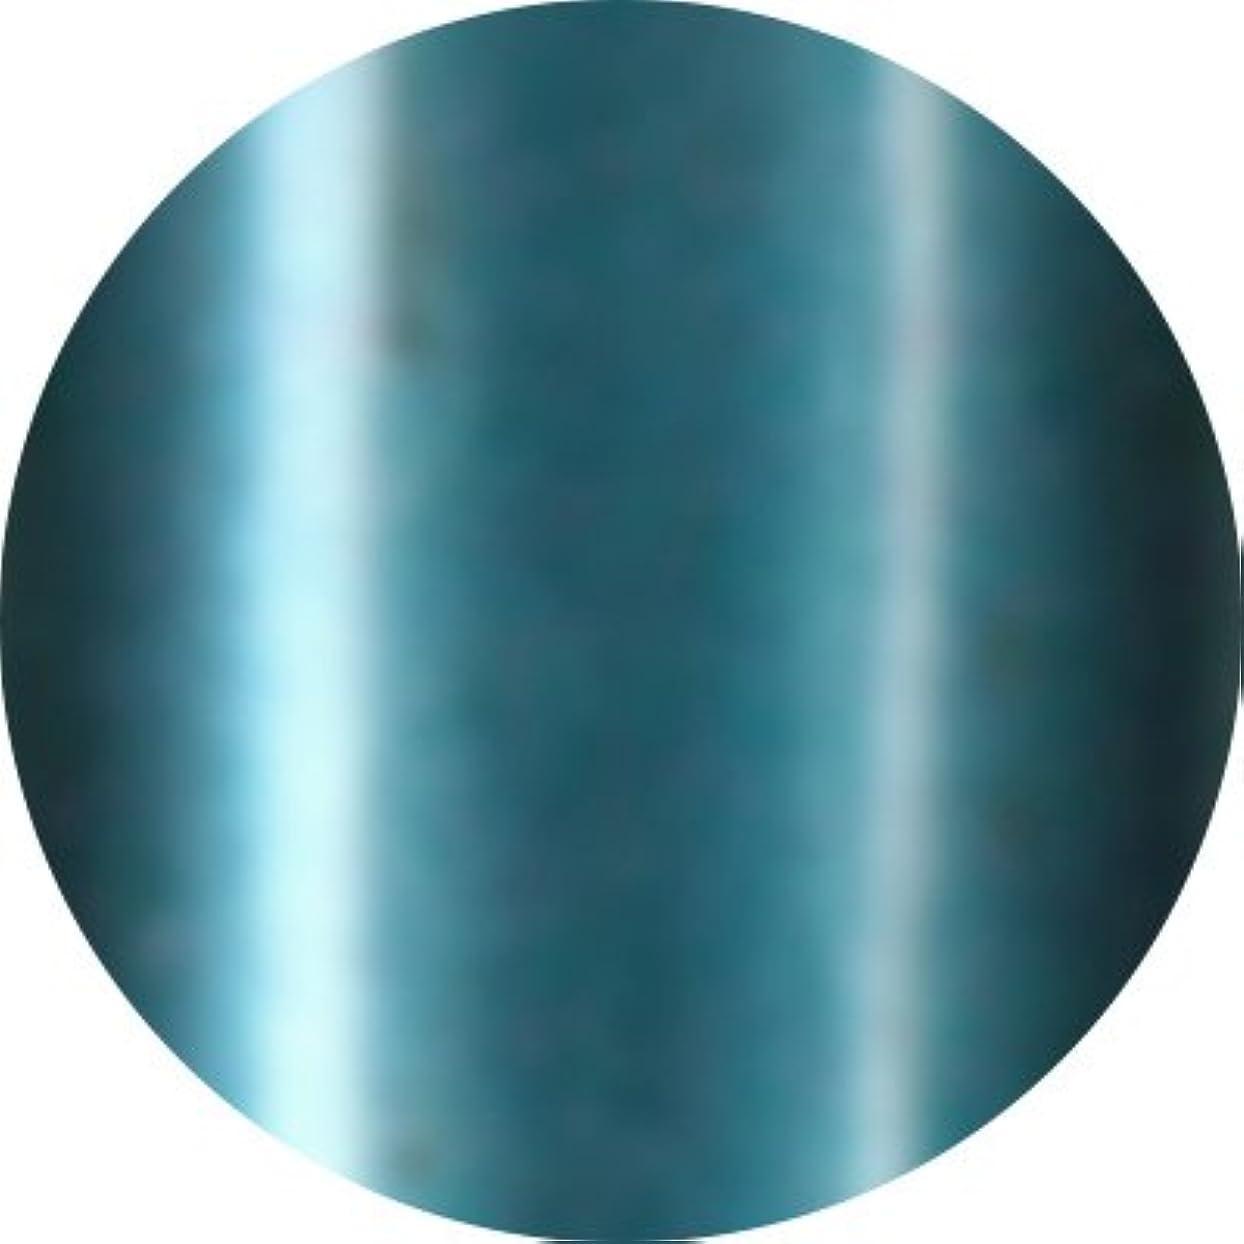 ひいきにする素朴な絶望Jewelry jel(ジュエリージェル) カラージェル 5ml<BR>メタリック MT033